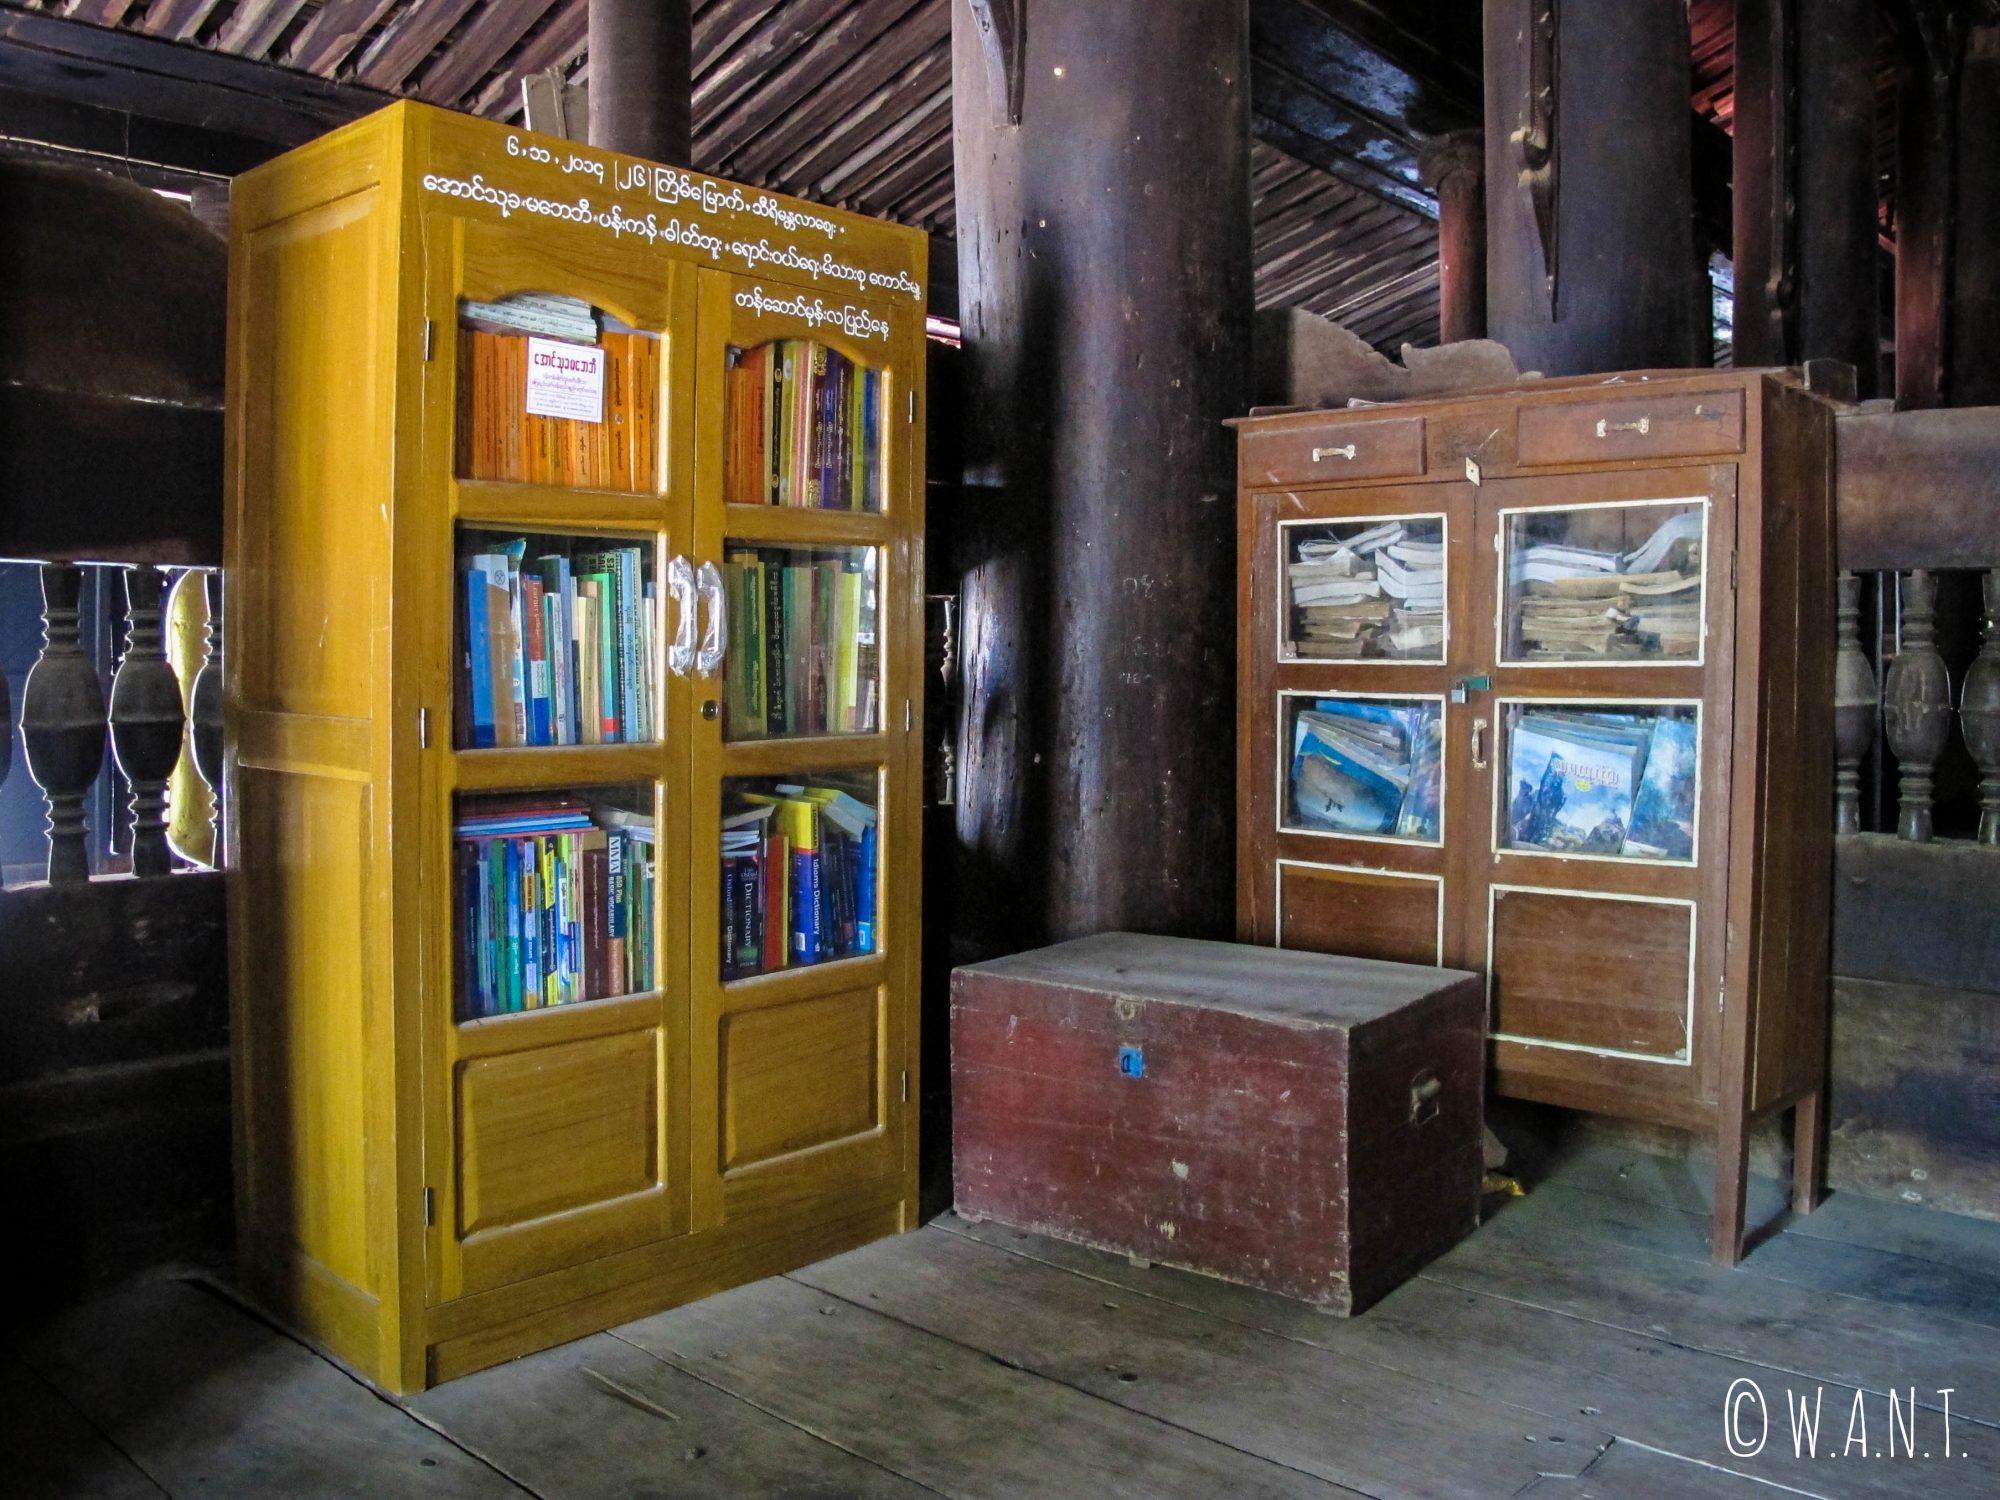 Bibliothèque de manuels scolaires